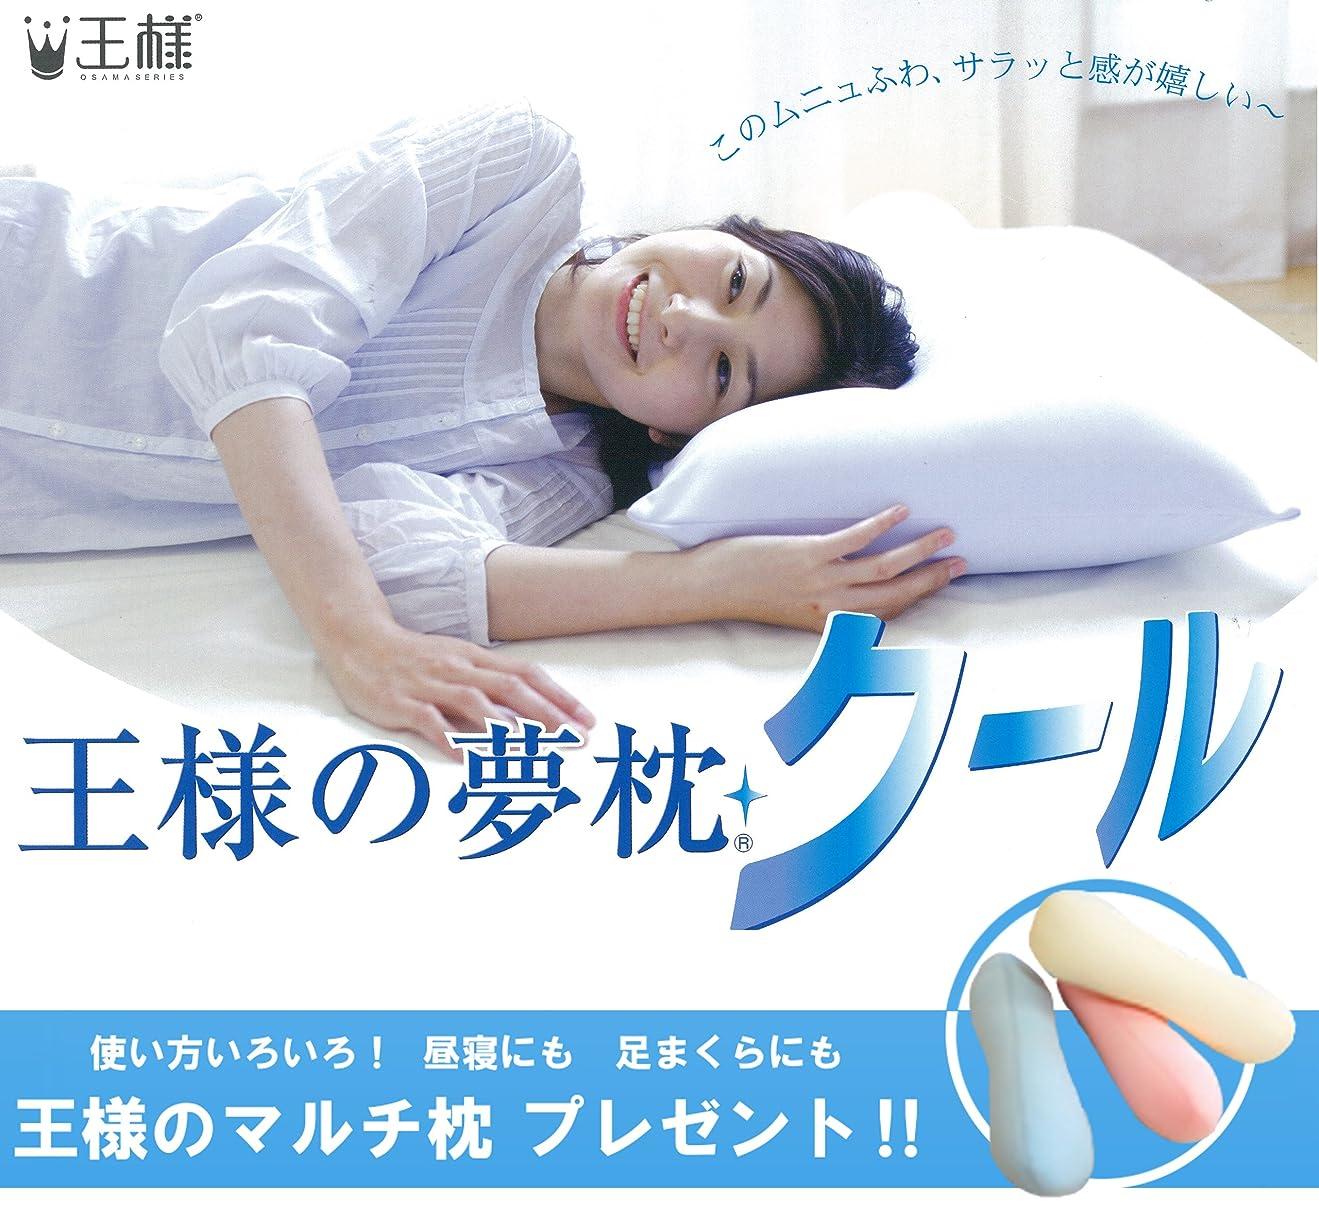 不格好スキムおとなしい王様の夢枕 クール (専用カバー付) W52×D34×H12cm 【王様のマルチ枕をプレゼント】